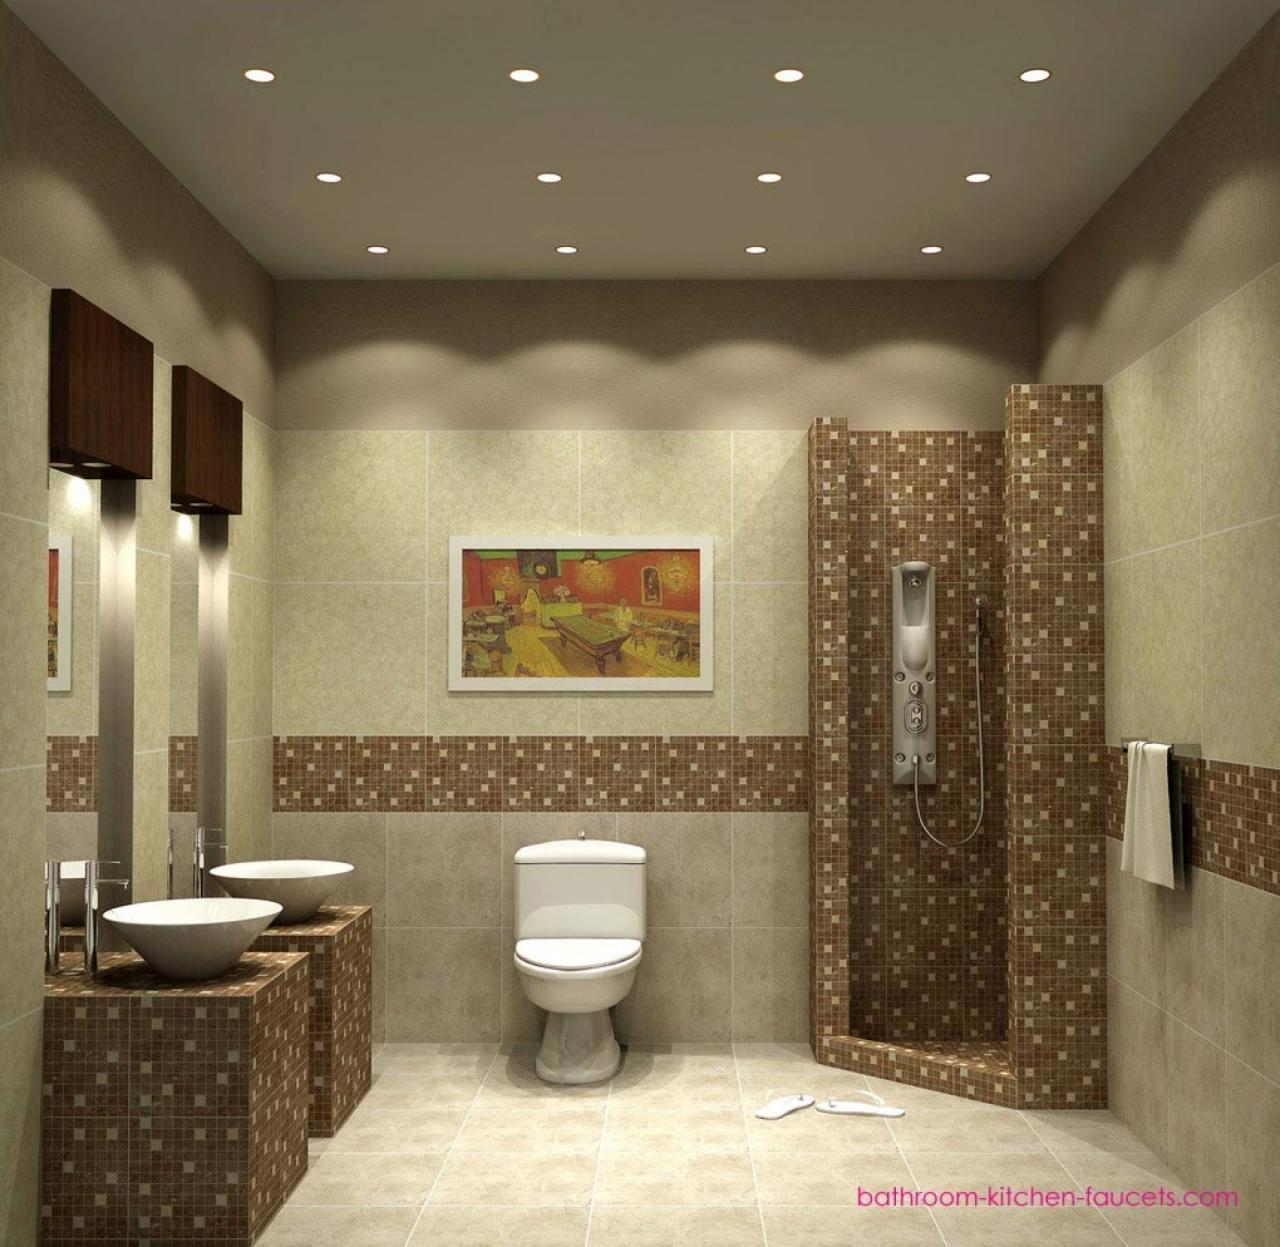 صورة ديكور حمامات منازل ,حمامات منزل شيك وروعة 3362 3